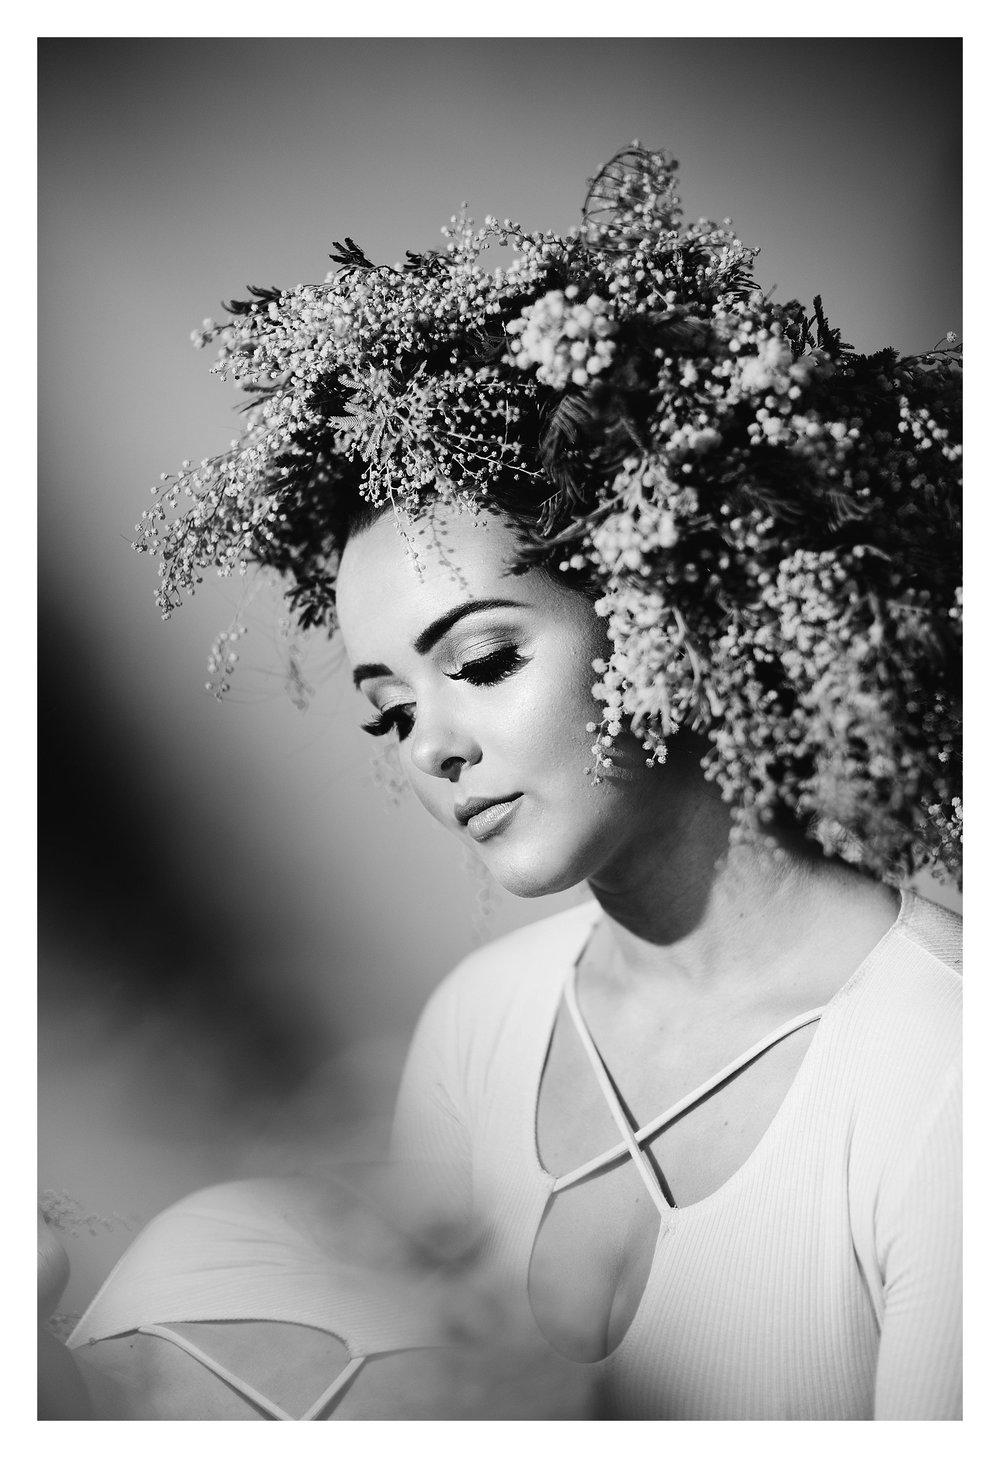 Creative-Headpeice-Florist_0755.jpg